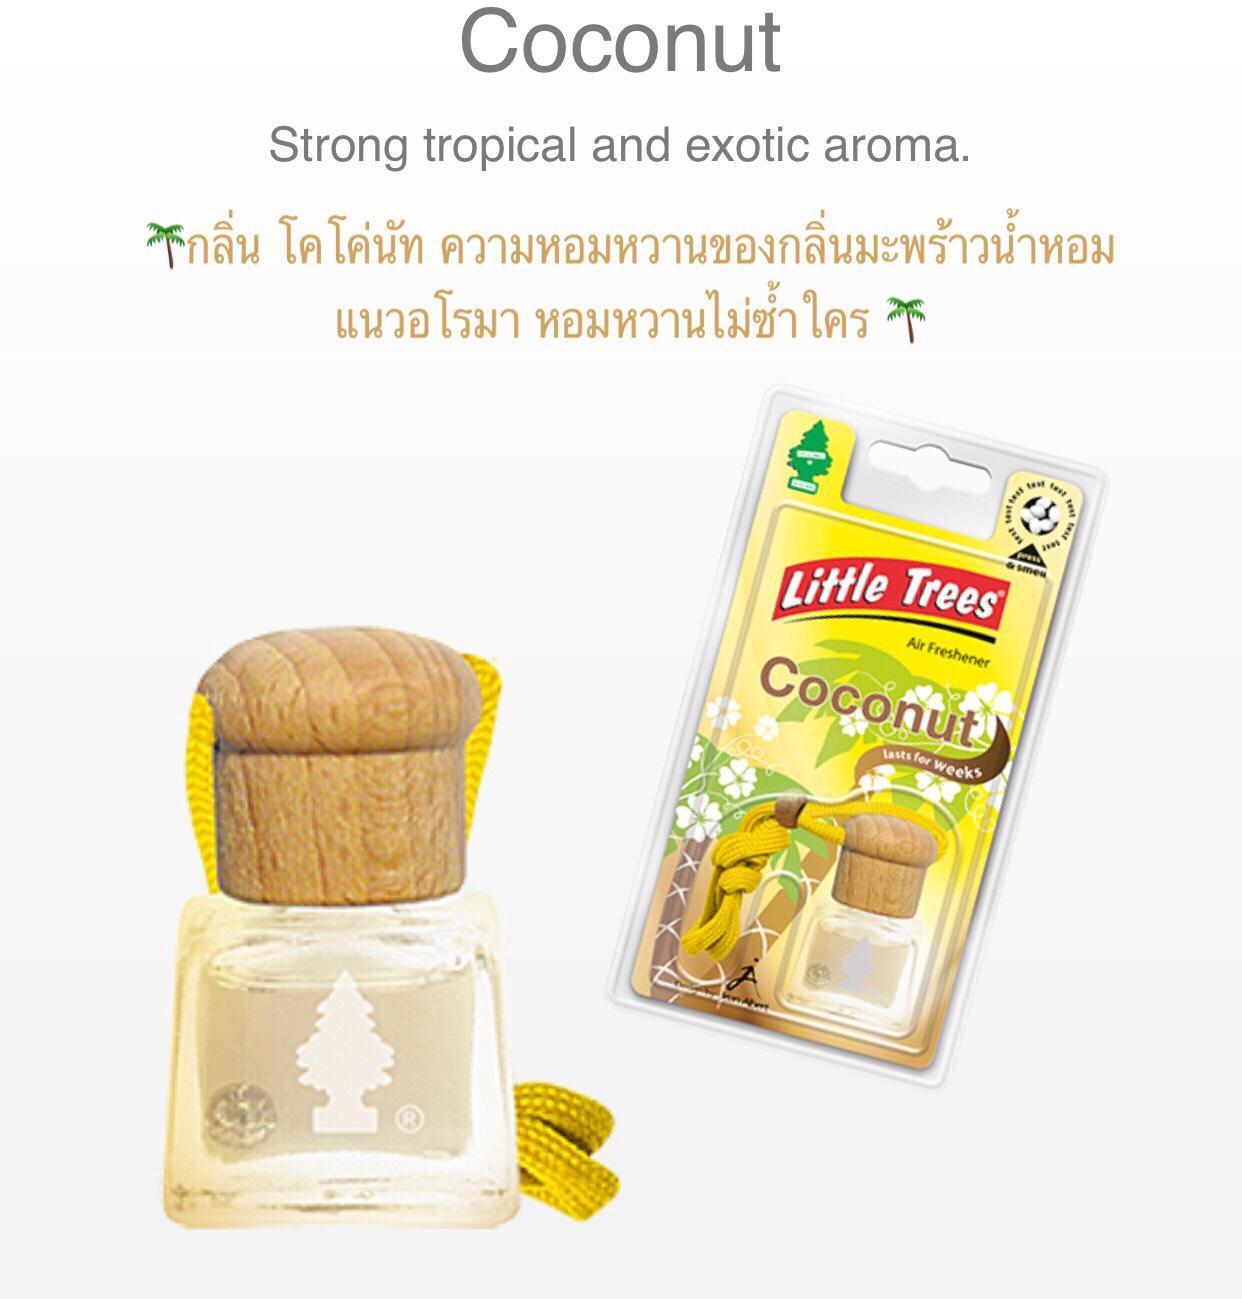 น้ำหอมขวดแก้ว ฝาไม้ Little Trees Bottles กลิ่น Coconut (มะพร้าวน้ำหอม)